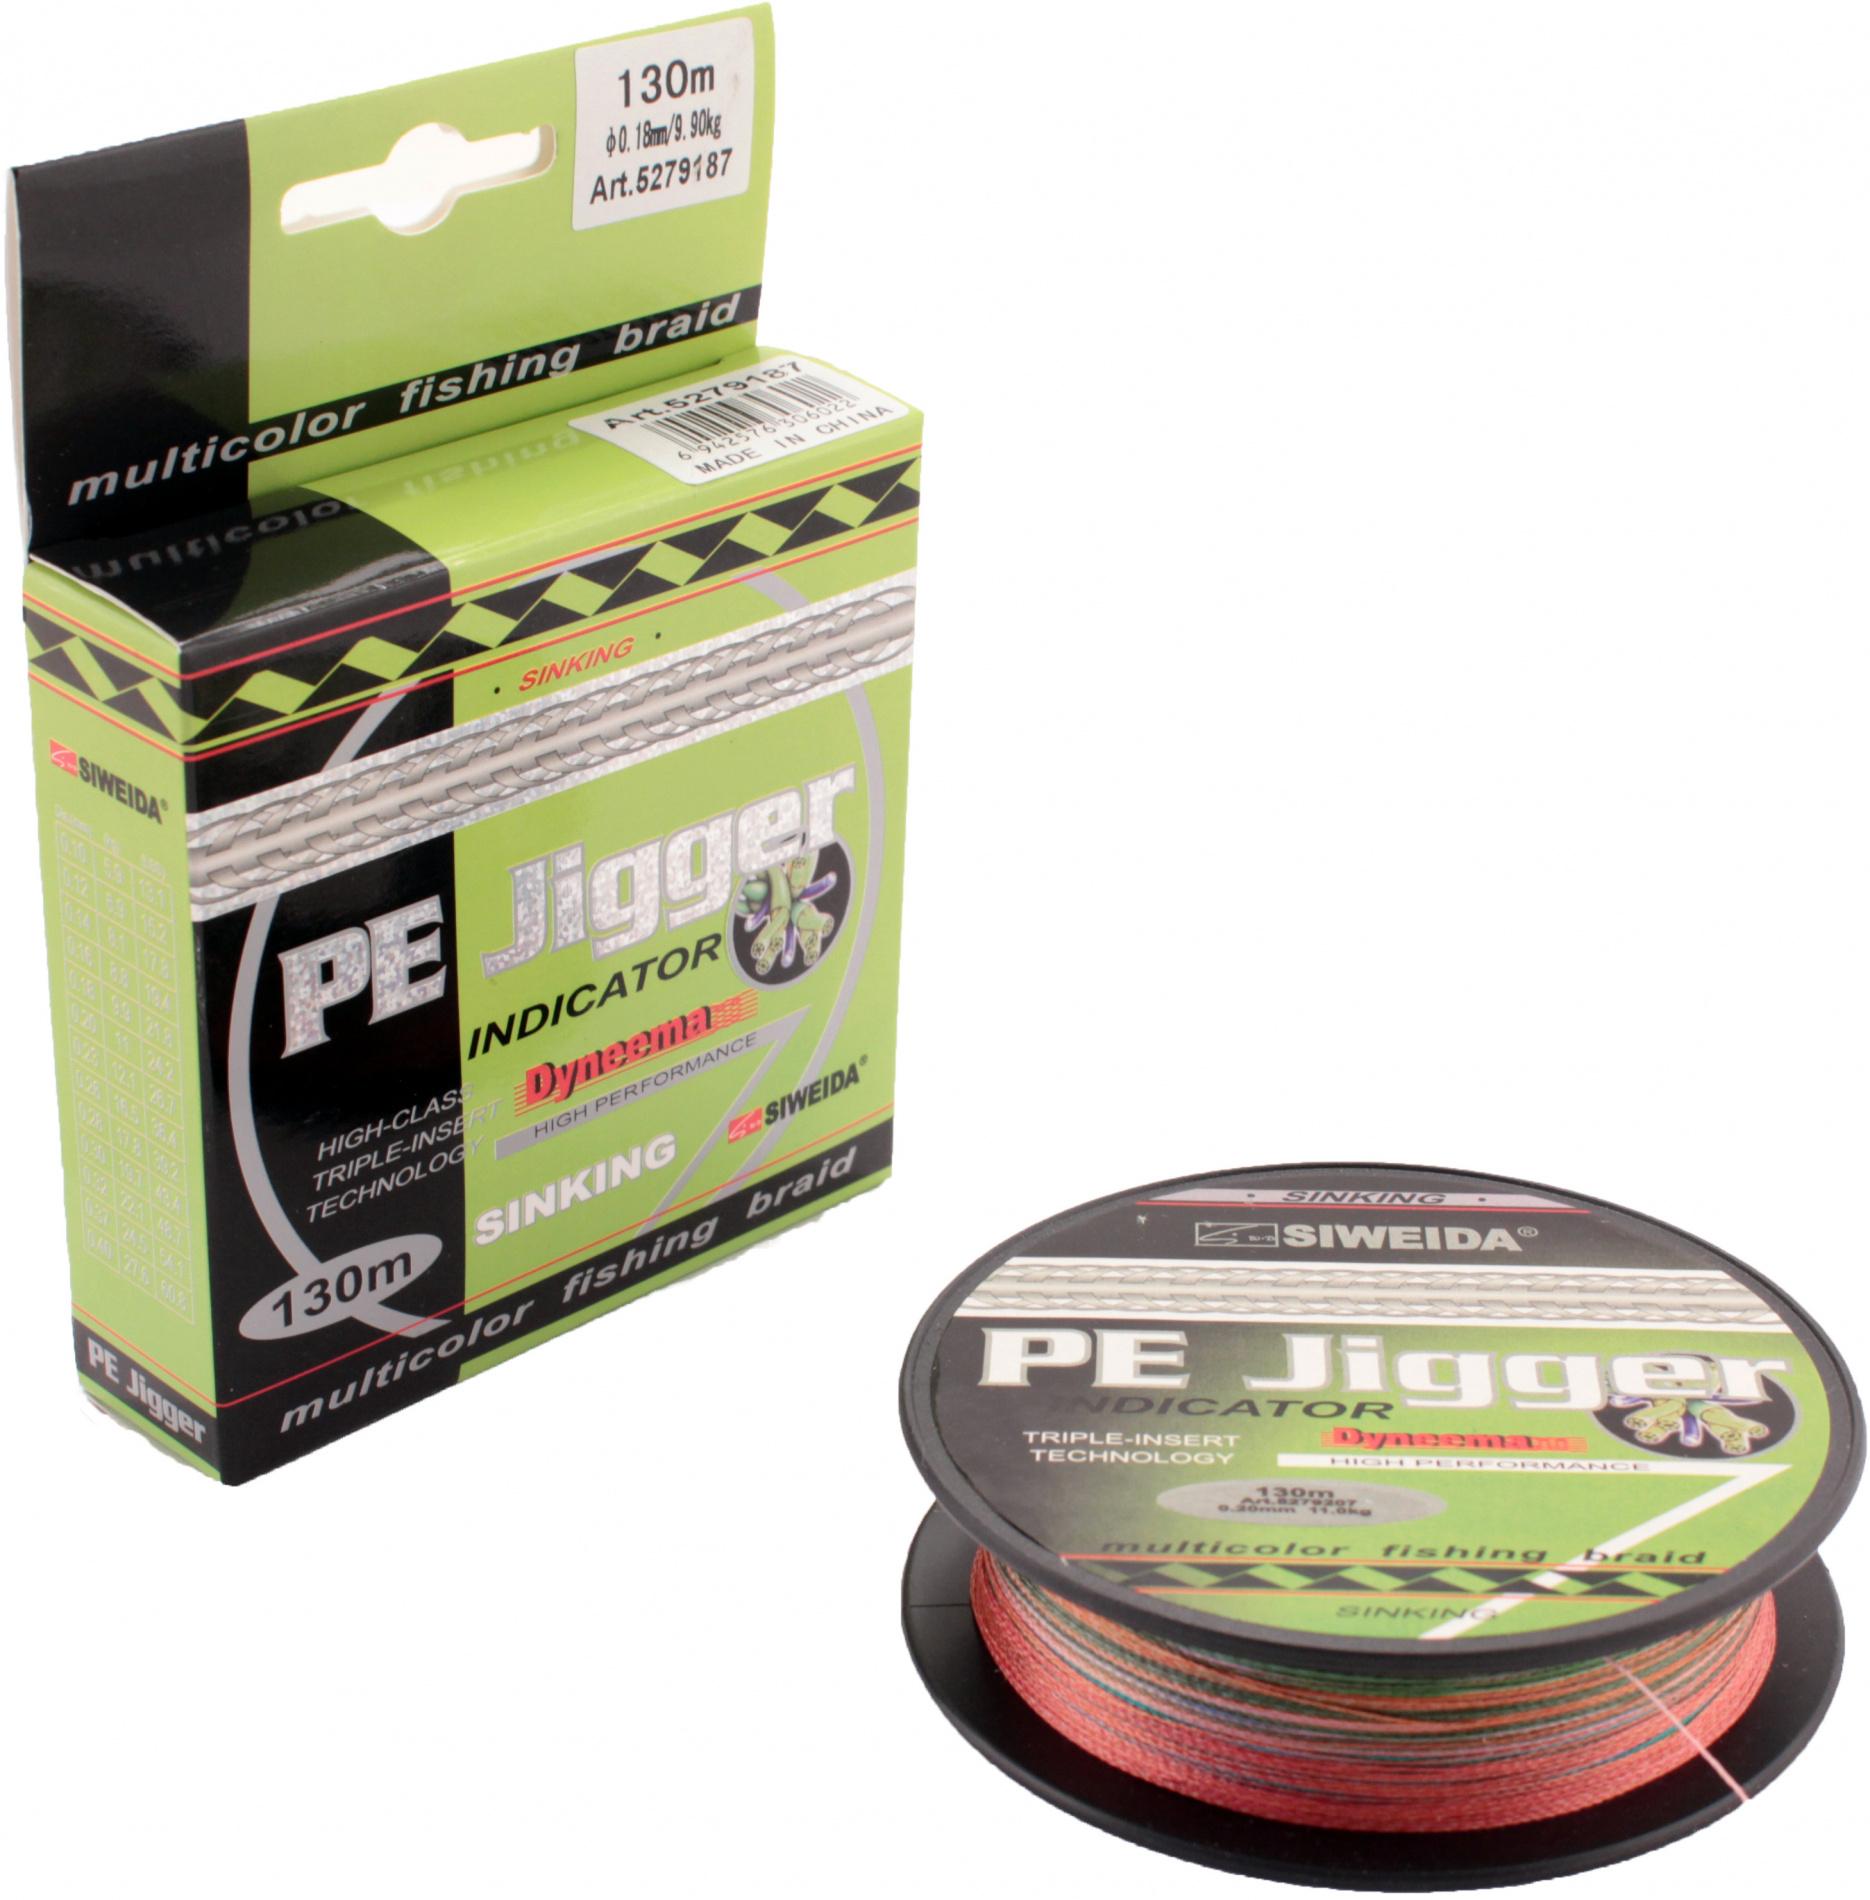 Леска плетеная SWD PE JIGGER INDICATOR 0,14 130м multicolor Леска плетеная<br>Пятицветный тонущий плетеный шнур, изготовленный <br>из волокна DYNEEMA, сечением 0,14мм (разрывная <br>нагрузка 8,10кг) и длиной 130м. Благодаря микроволокнам <br>полиэтилена (Super PE) шнур имеет очень плотное <br>плетение, не впитывает воду, имеет гладкую <br>поверхность и одинаковое сечение по всей <br>длине. Отличается практически нулевой растяжимостью, <br>что позволяет полностью контролировать <br>спиннинговую приманку. Длина куска одного <br>цвета - 10м. Это позволяет рыболовам точно <br>контролировать дальность заброса приманки. <br>Подходит для всех видов ловли хищника.<br>